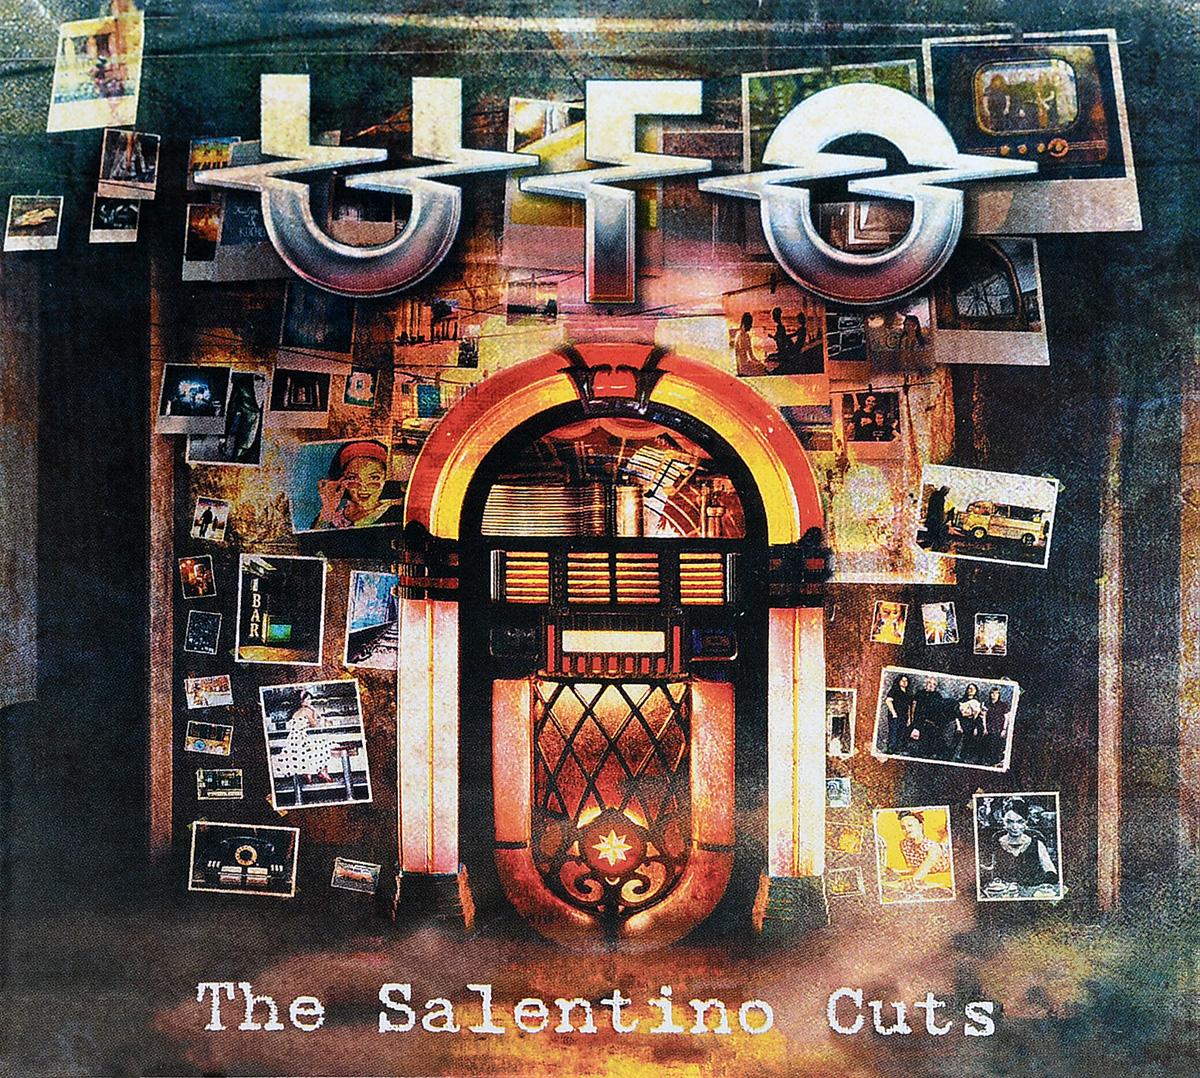 Ufo Ufo. Salentino Cuts вентилятор ufo atsfi 121